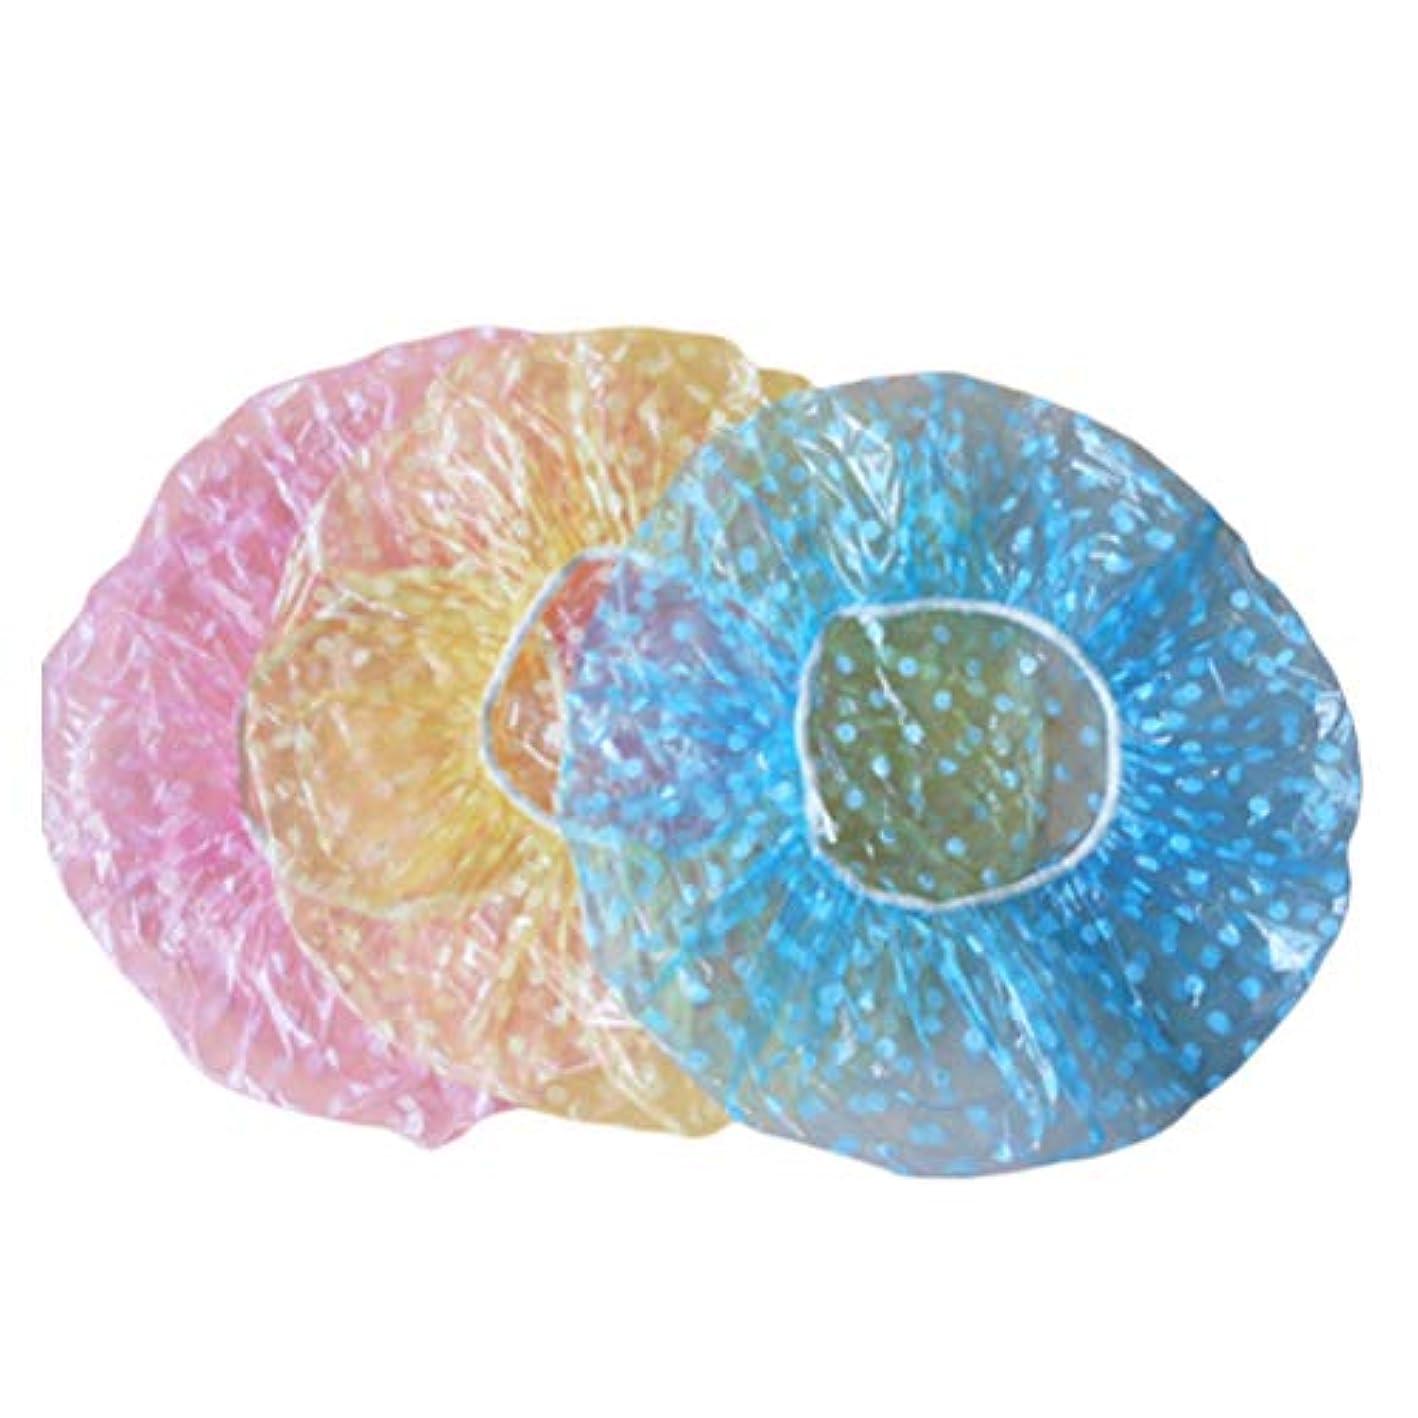 牧師古代店員Frcolor シャワーキャップ お風呂 キャップ レディース 使い捨てキャップ シャワー サロン用 60枚セット(混色)